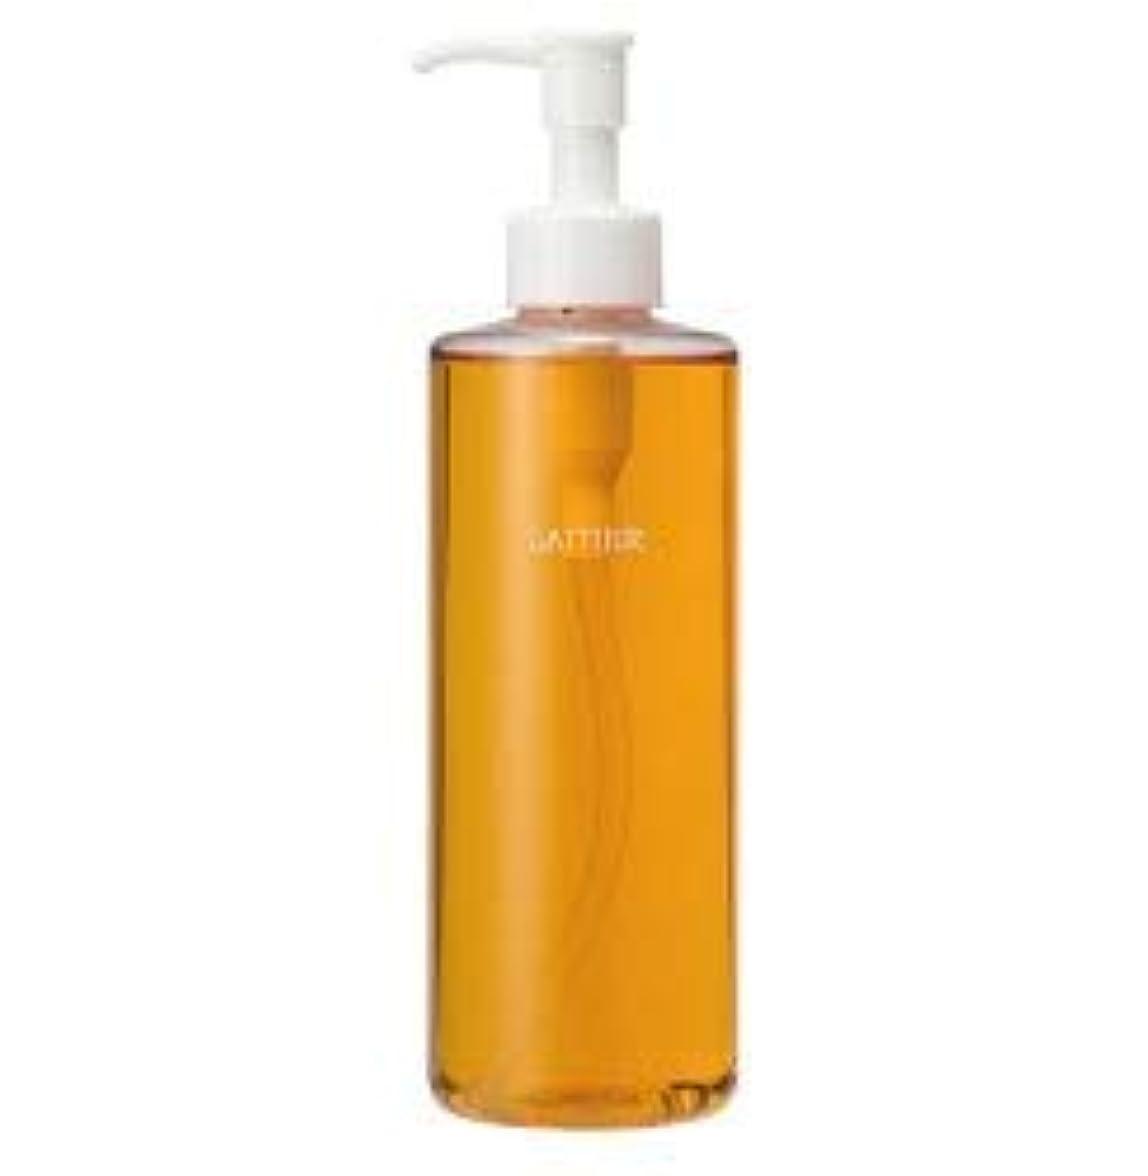 属する不毛証言アロエエキスの整肌効果で、透明感のある肌へとみちびきます。LAITIER レチエ スキンローションA 300ml 化粧品 メイク 化粧水 肌 綺麗